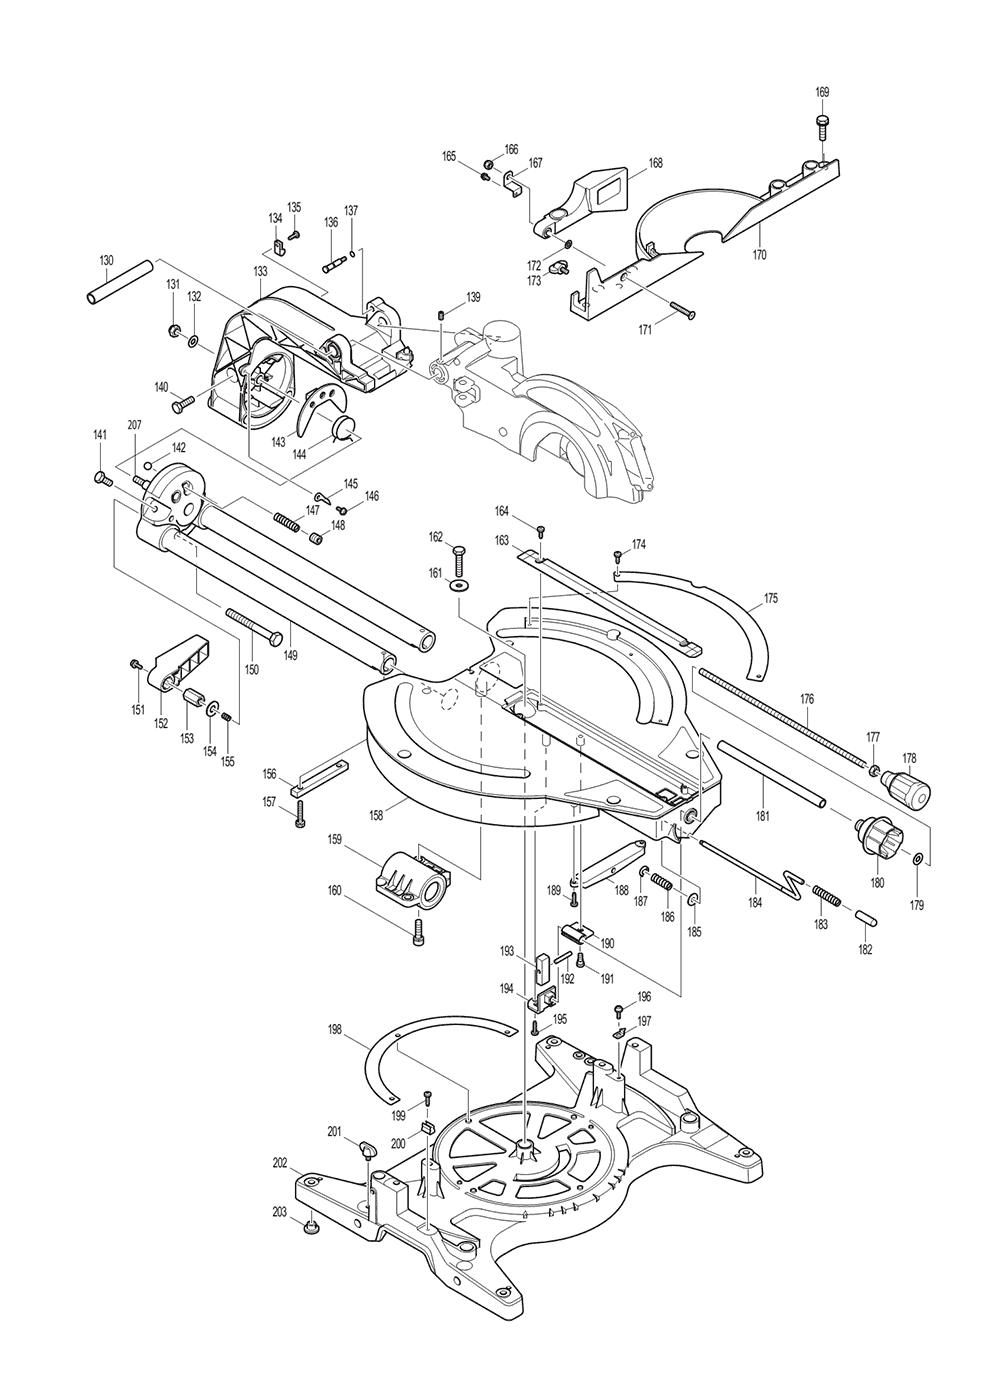 LS1013L-T1-Makita-PB-1Break Down